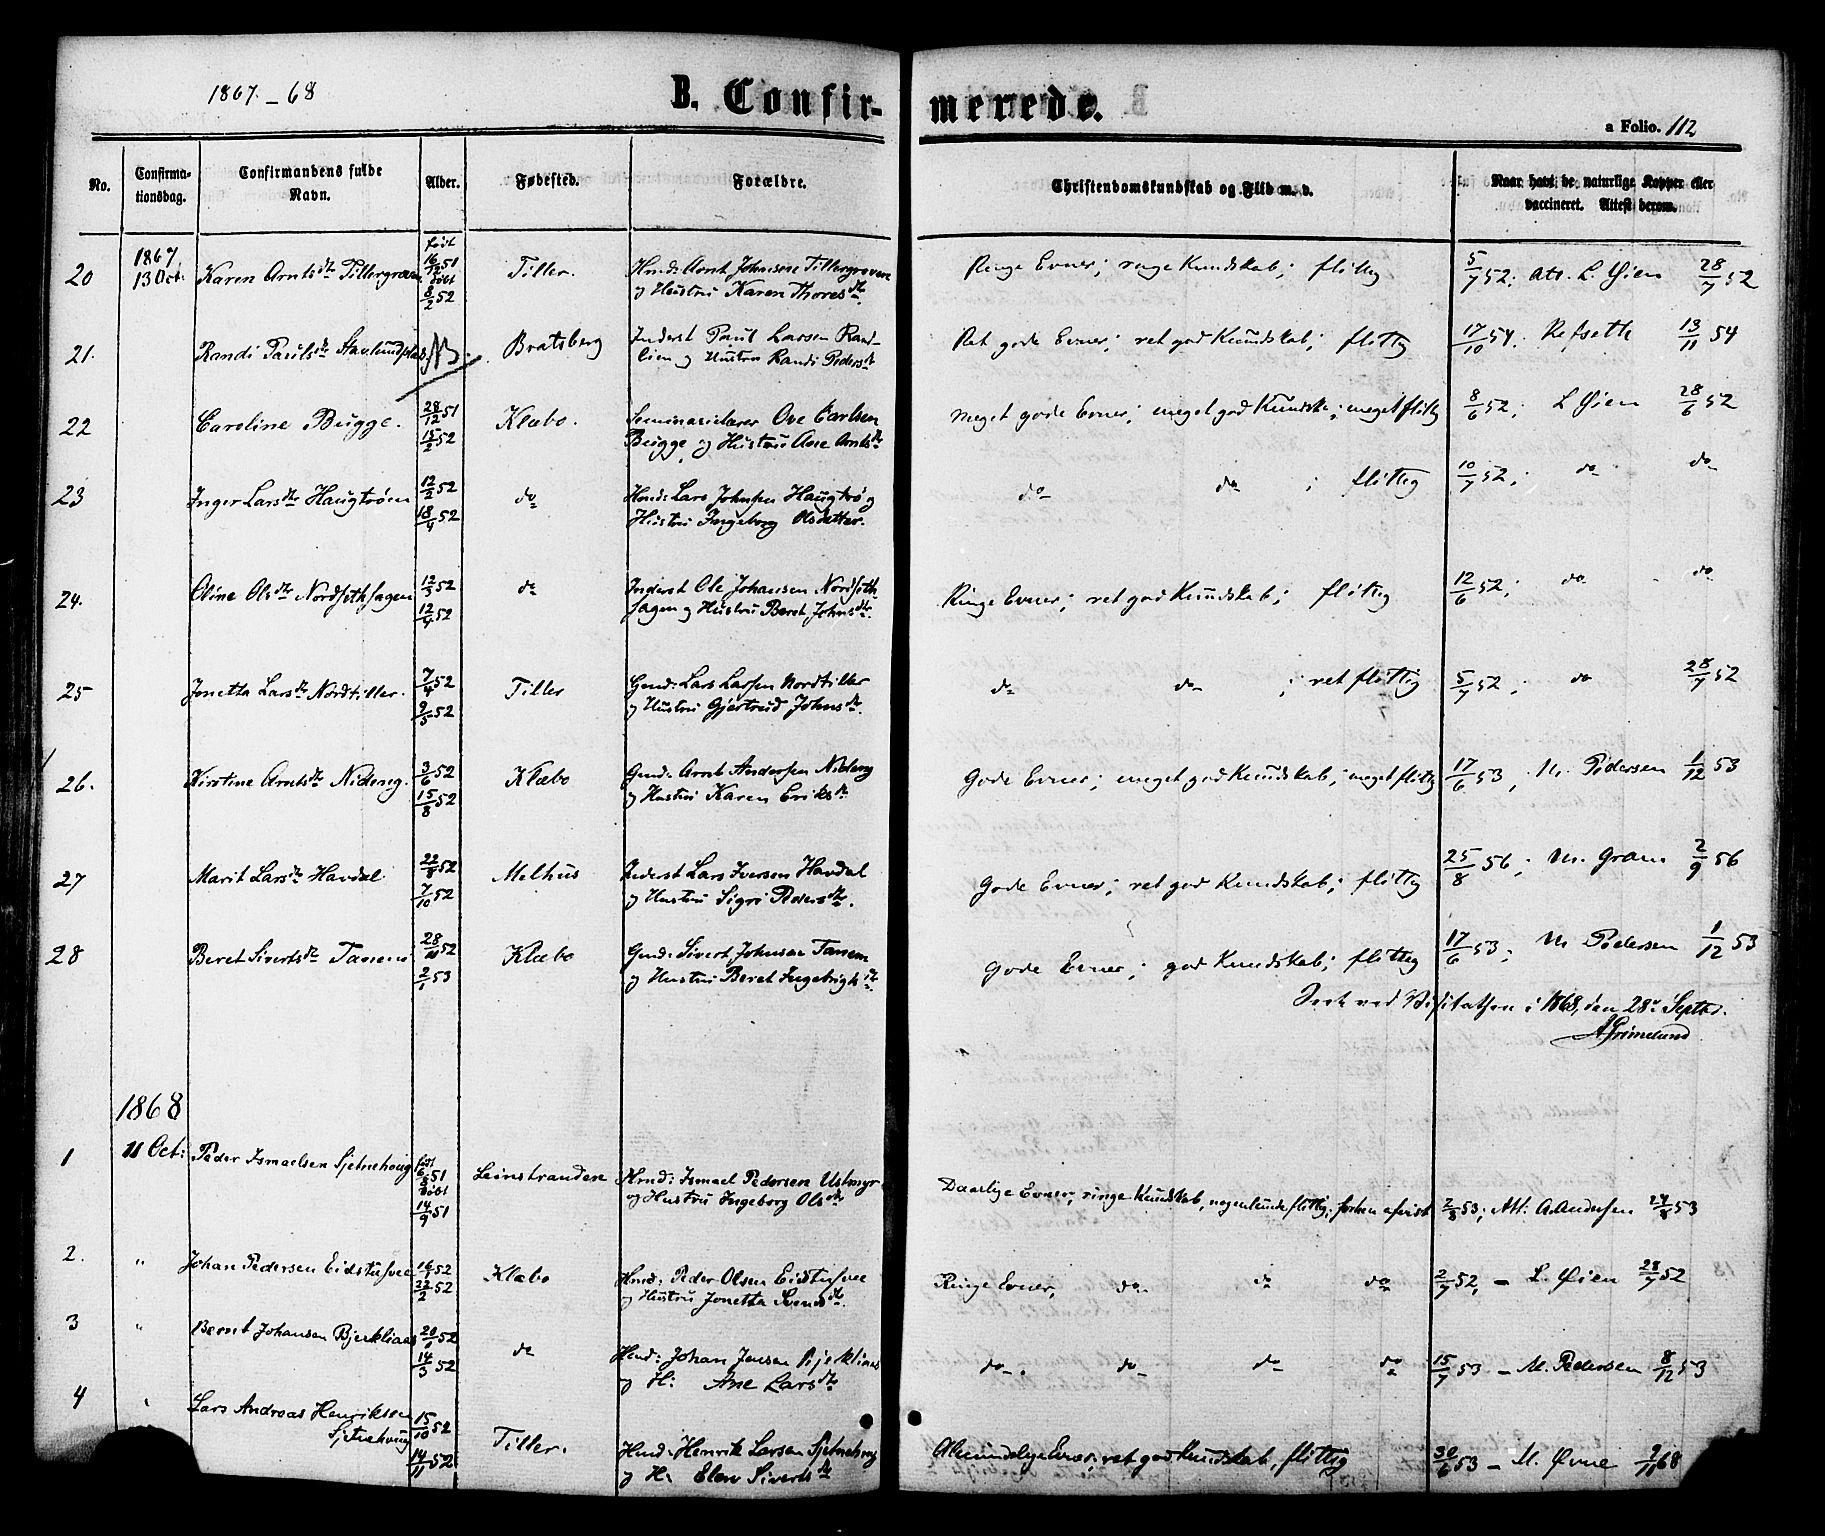 SAT, Ministerialprotokoller, klokkerbøker og fødselsregistre - Sør-Trøndelag, 618/L0442: Ministerialbok nr. 618A06 /1, 1863-1879, s. 112